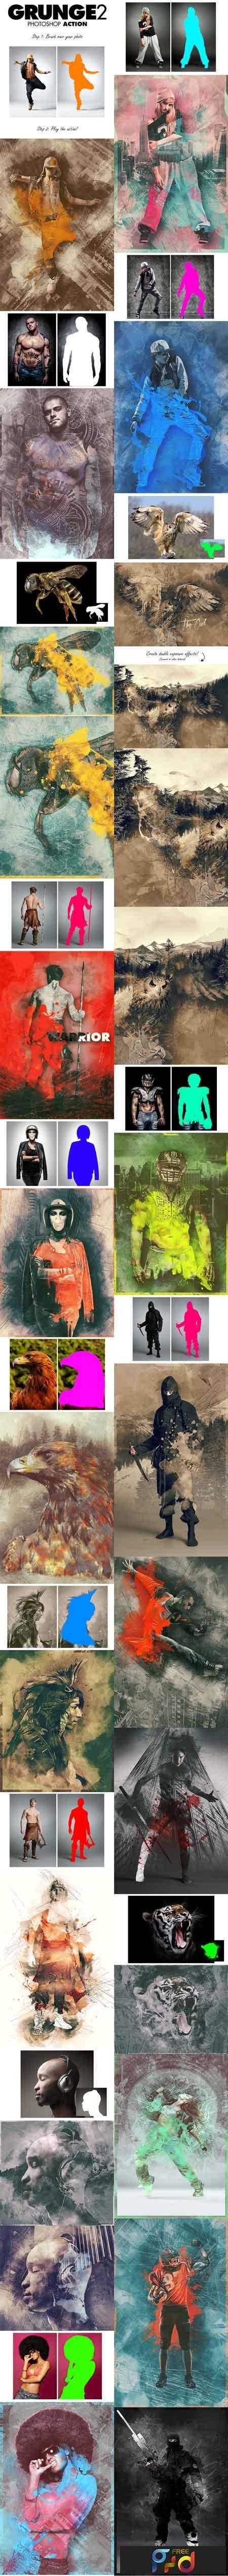 1808175 Grunge 2 Photoshop Action 13630482 1